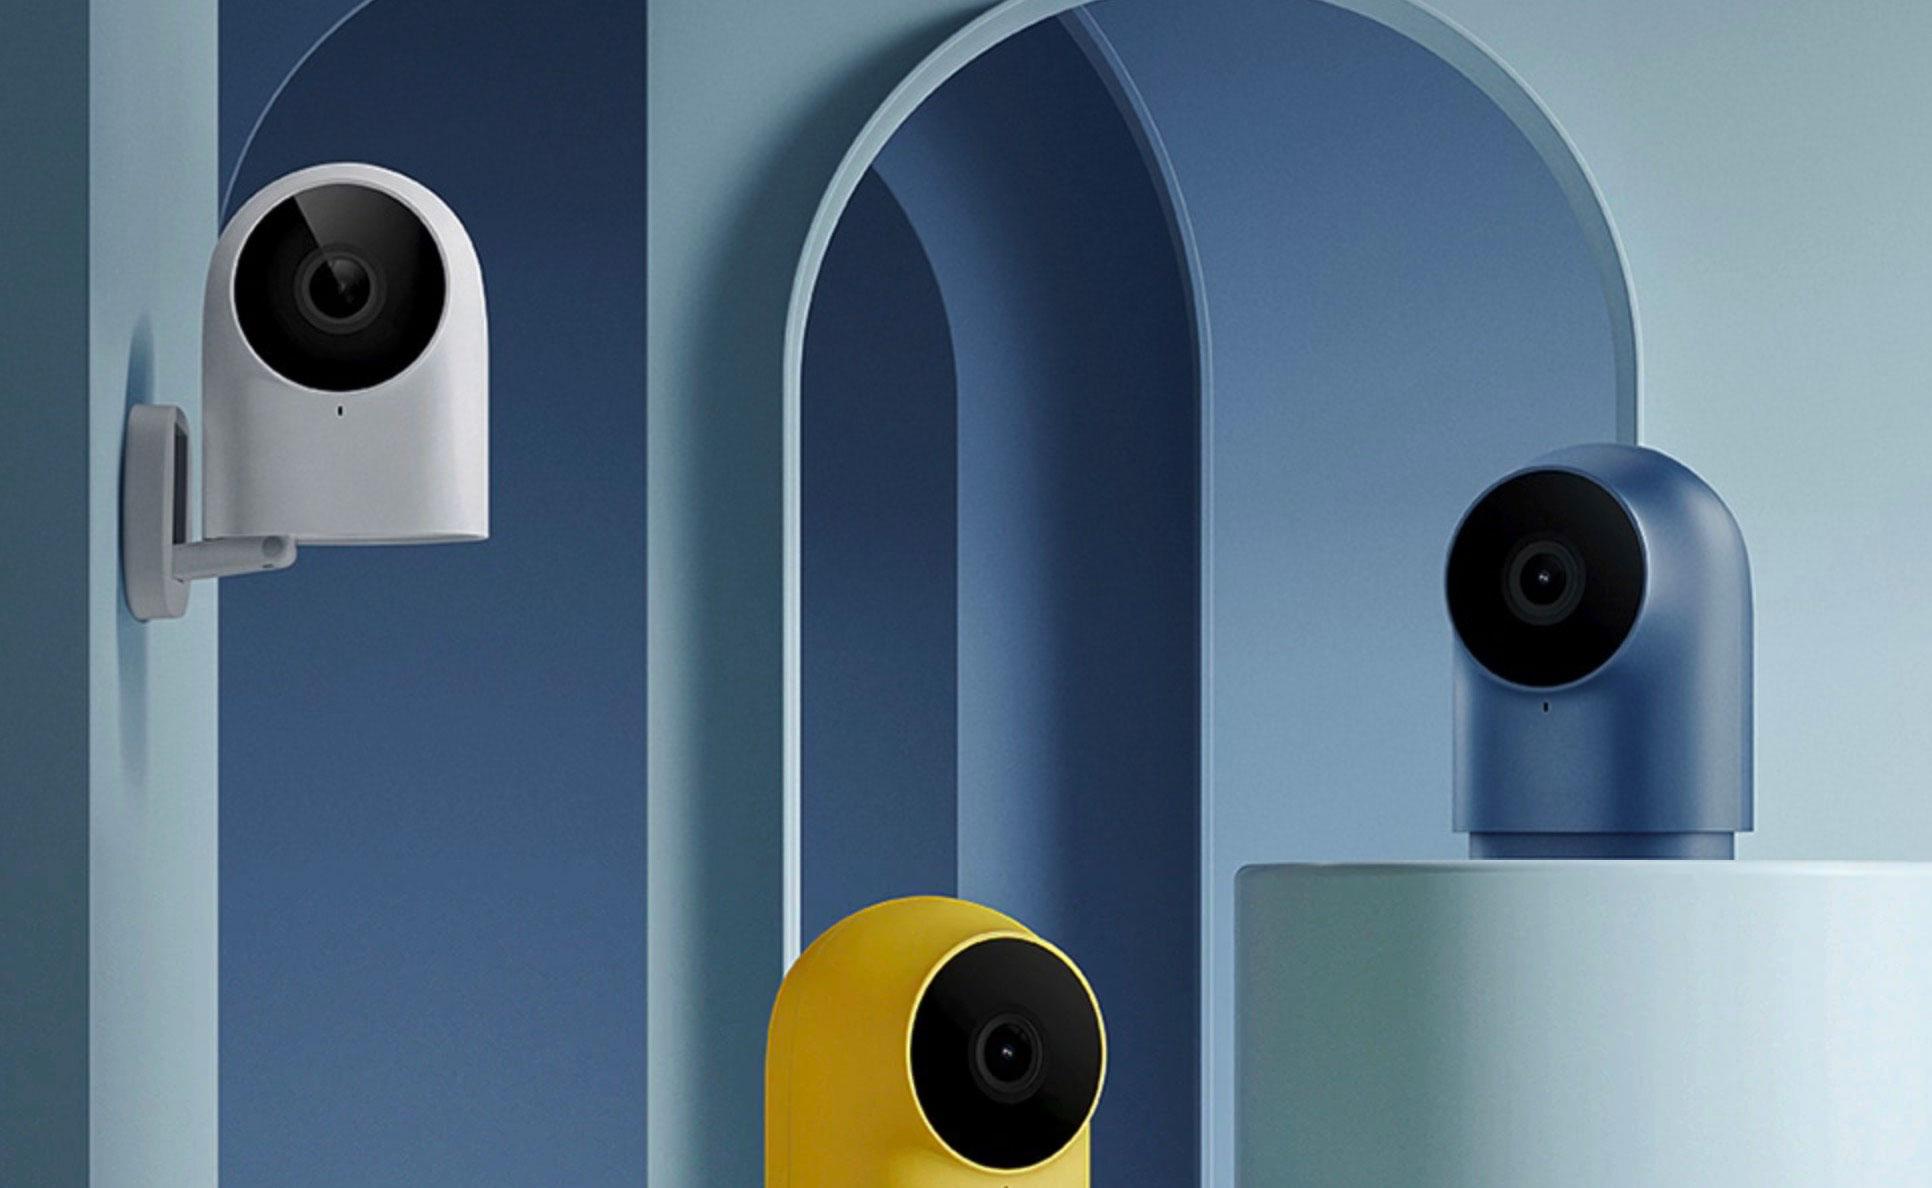 La caméra de sécurité Aqara